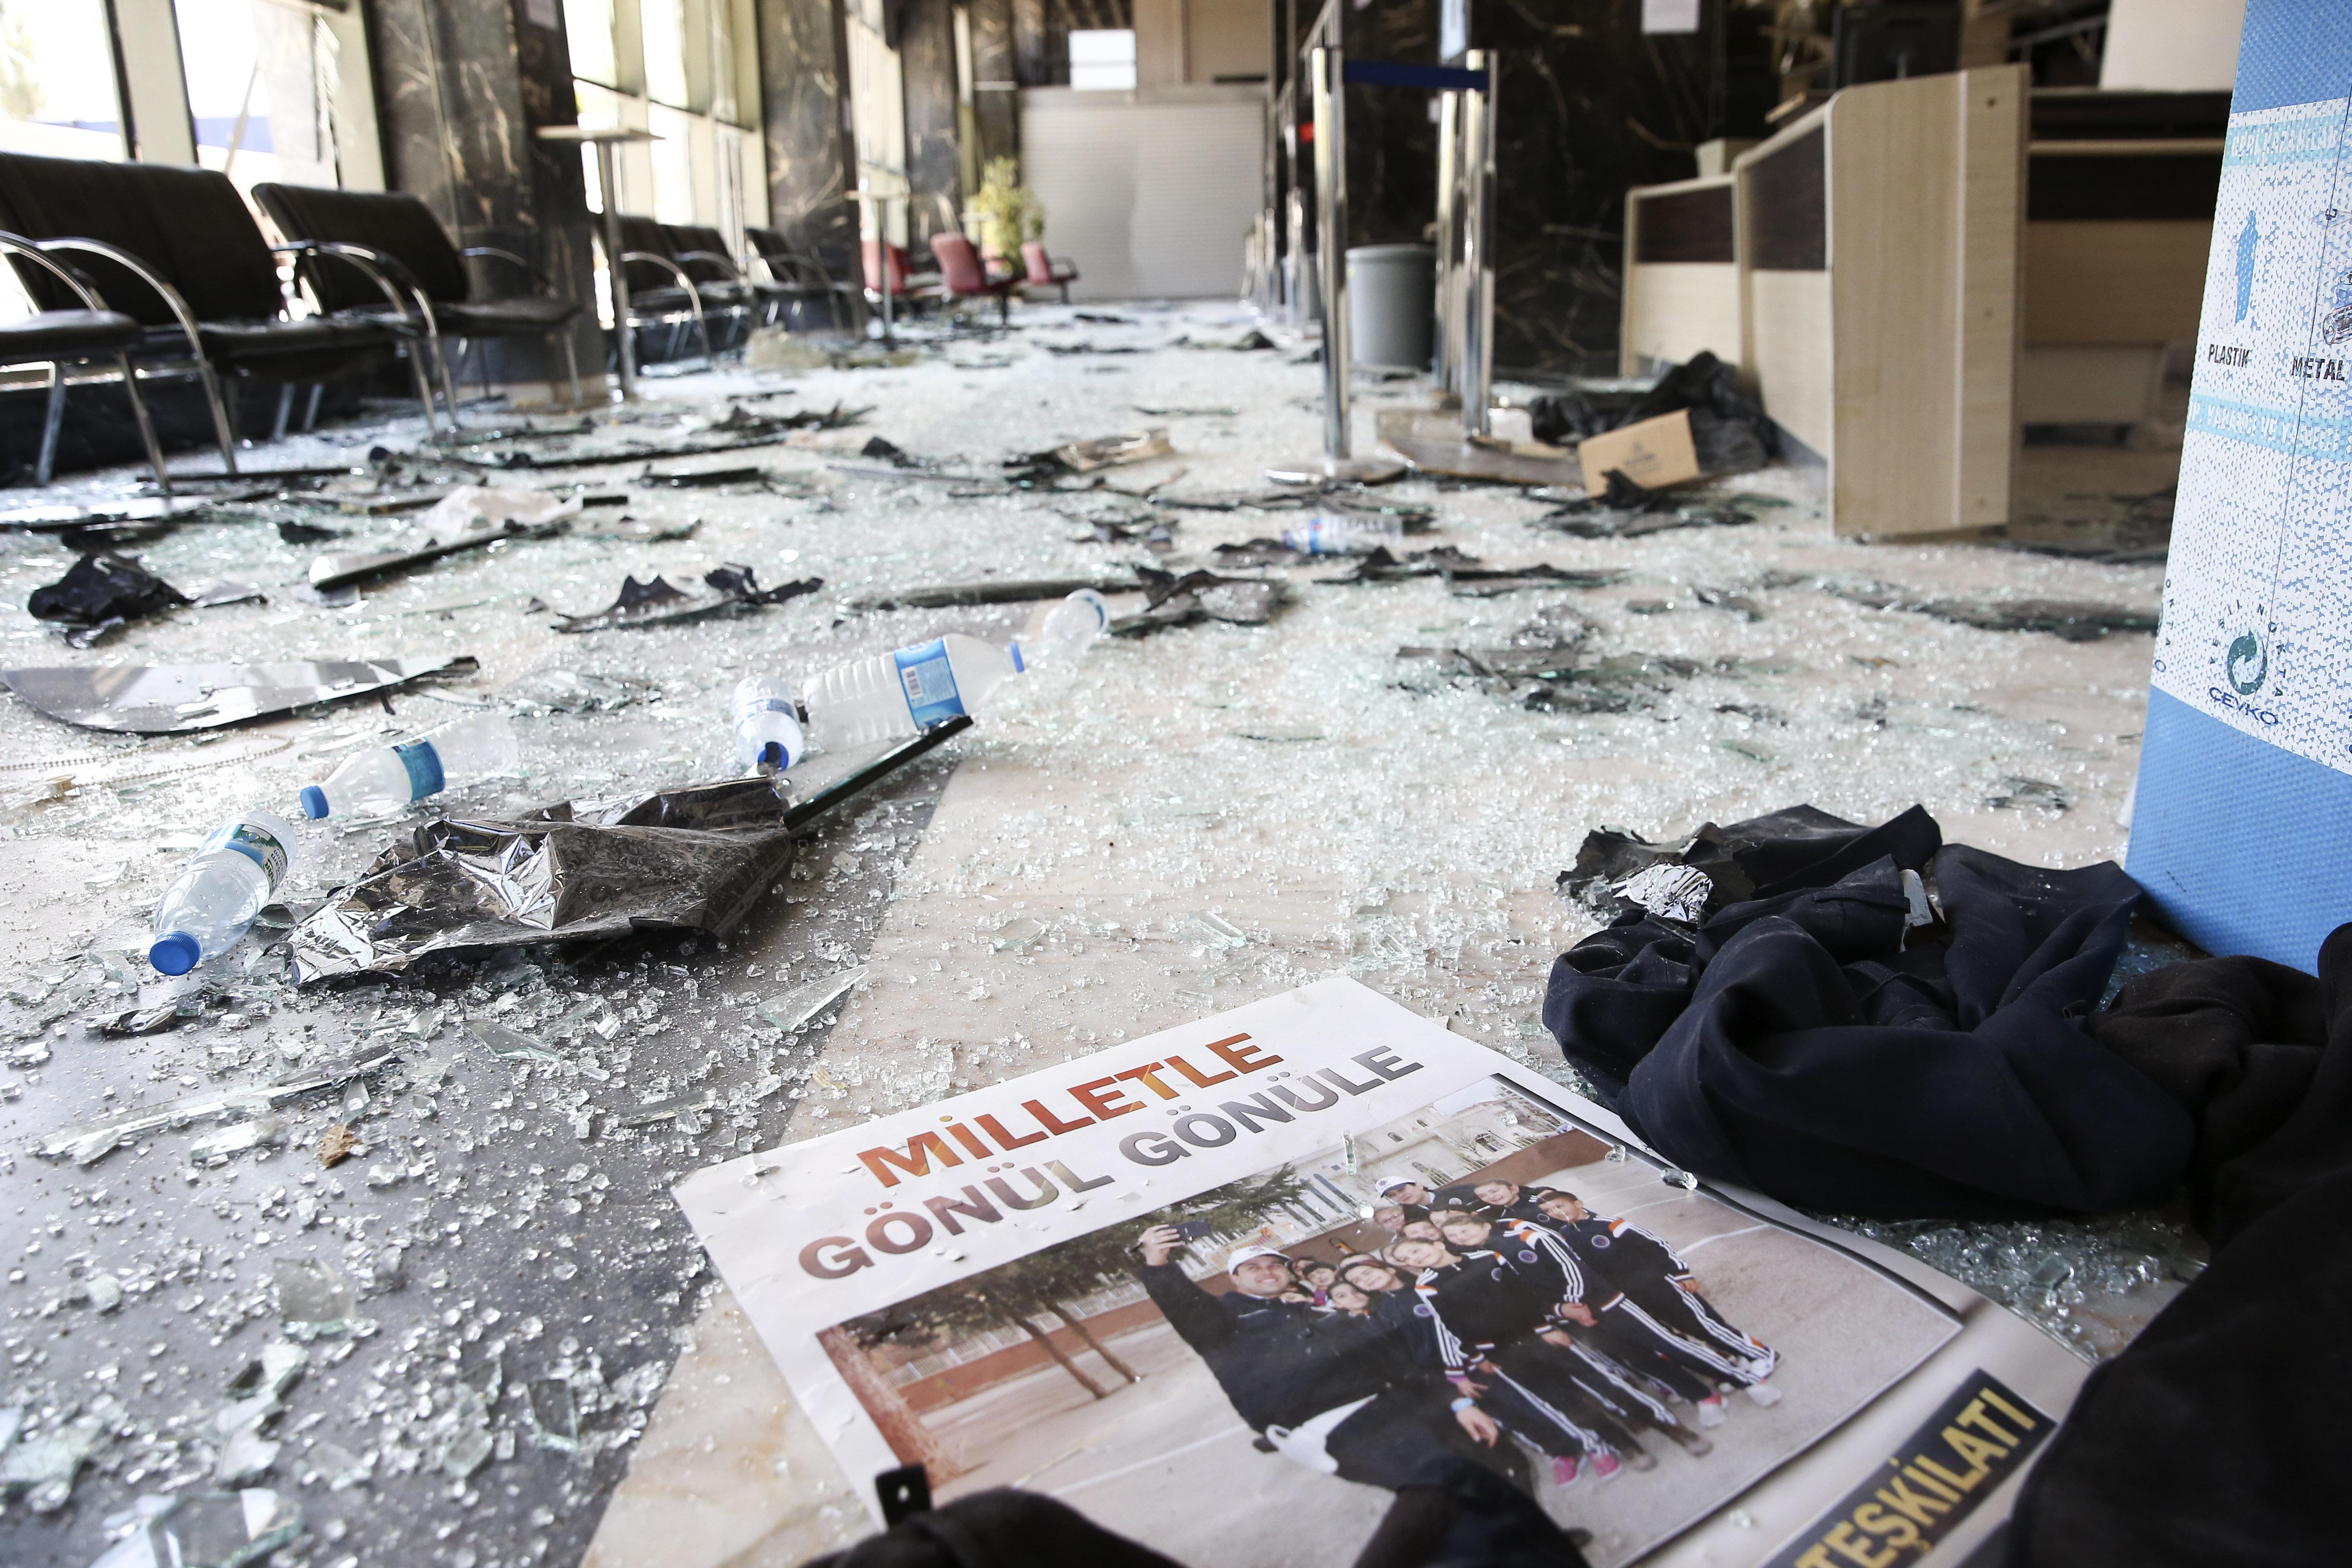 Darbeci hainlerin attığı bomba sonrasında meydana gelen hasar gün ışığıyla beraber ortaya çıktı.